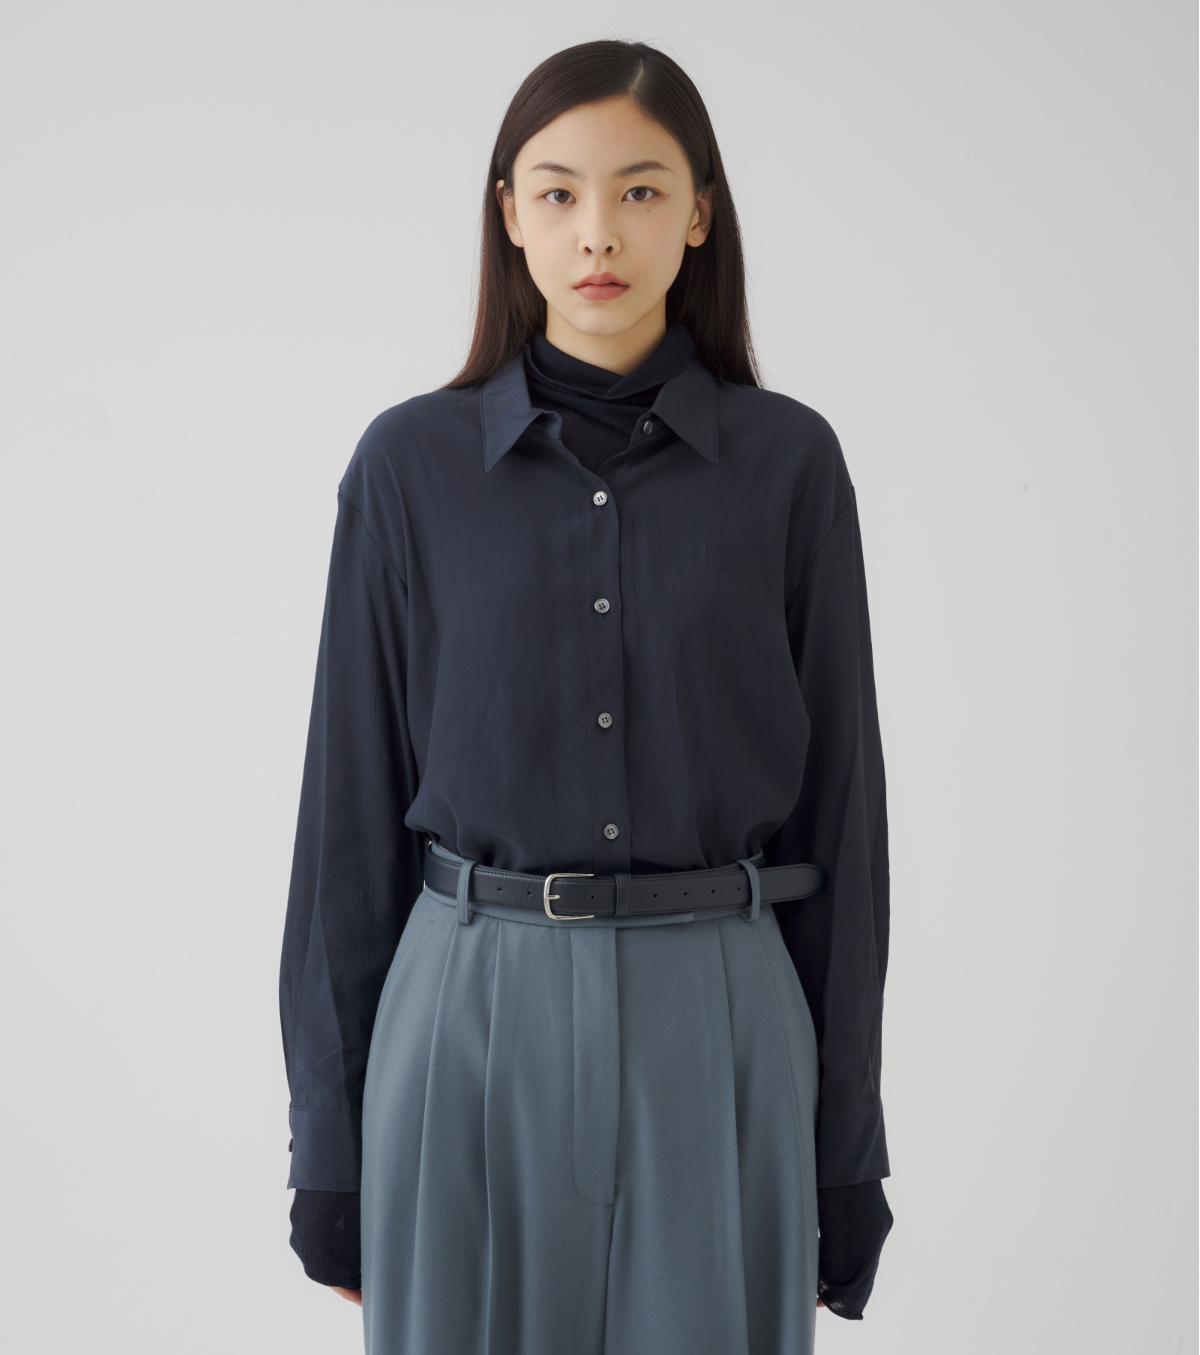 재킷 모델 착용 이미지-S1L106